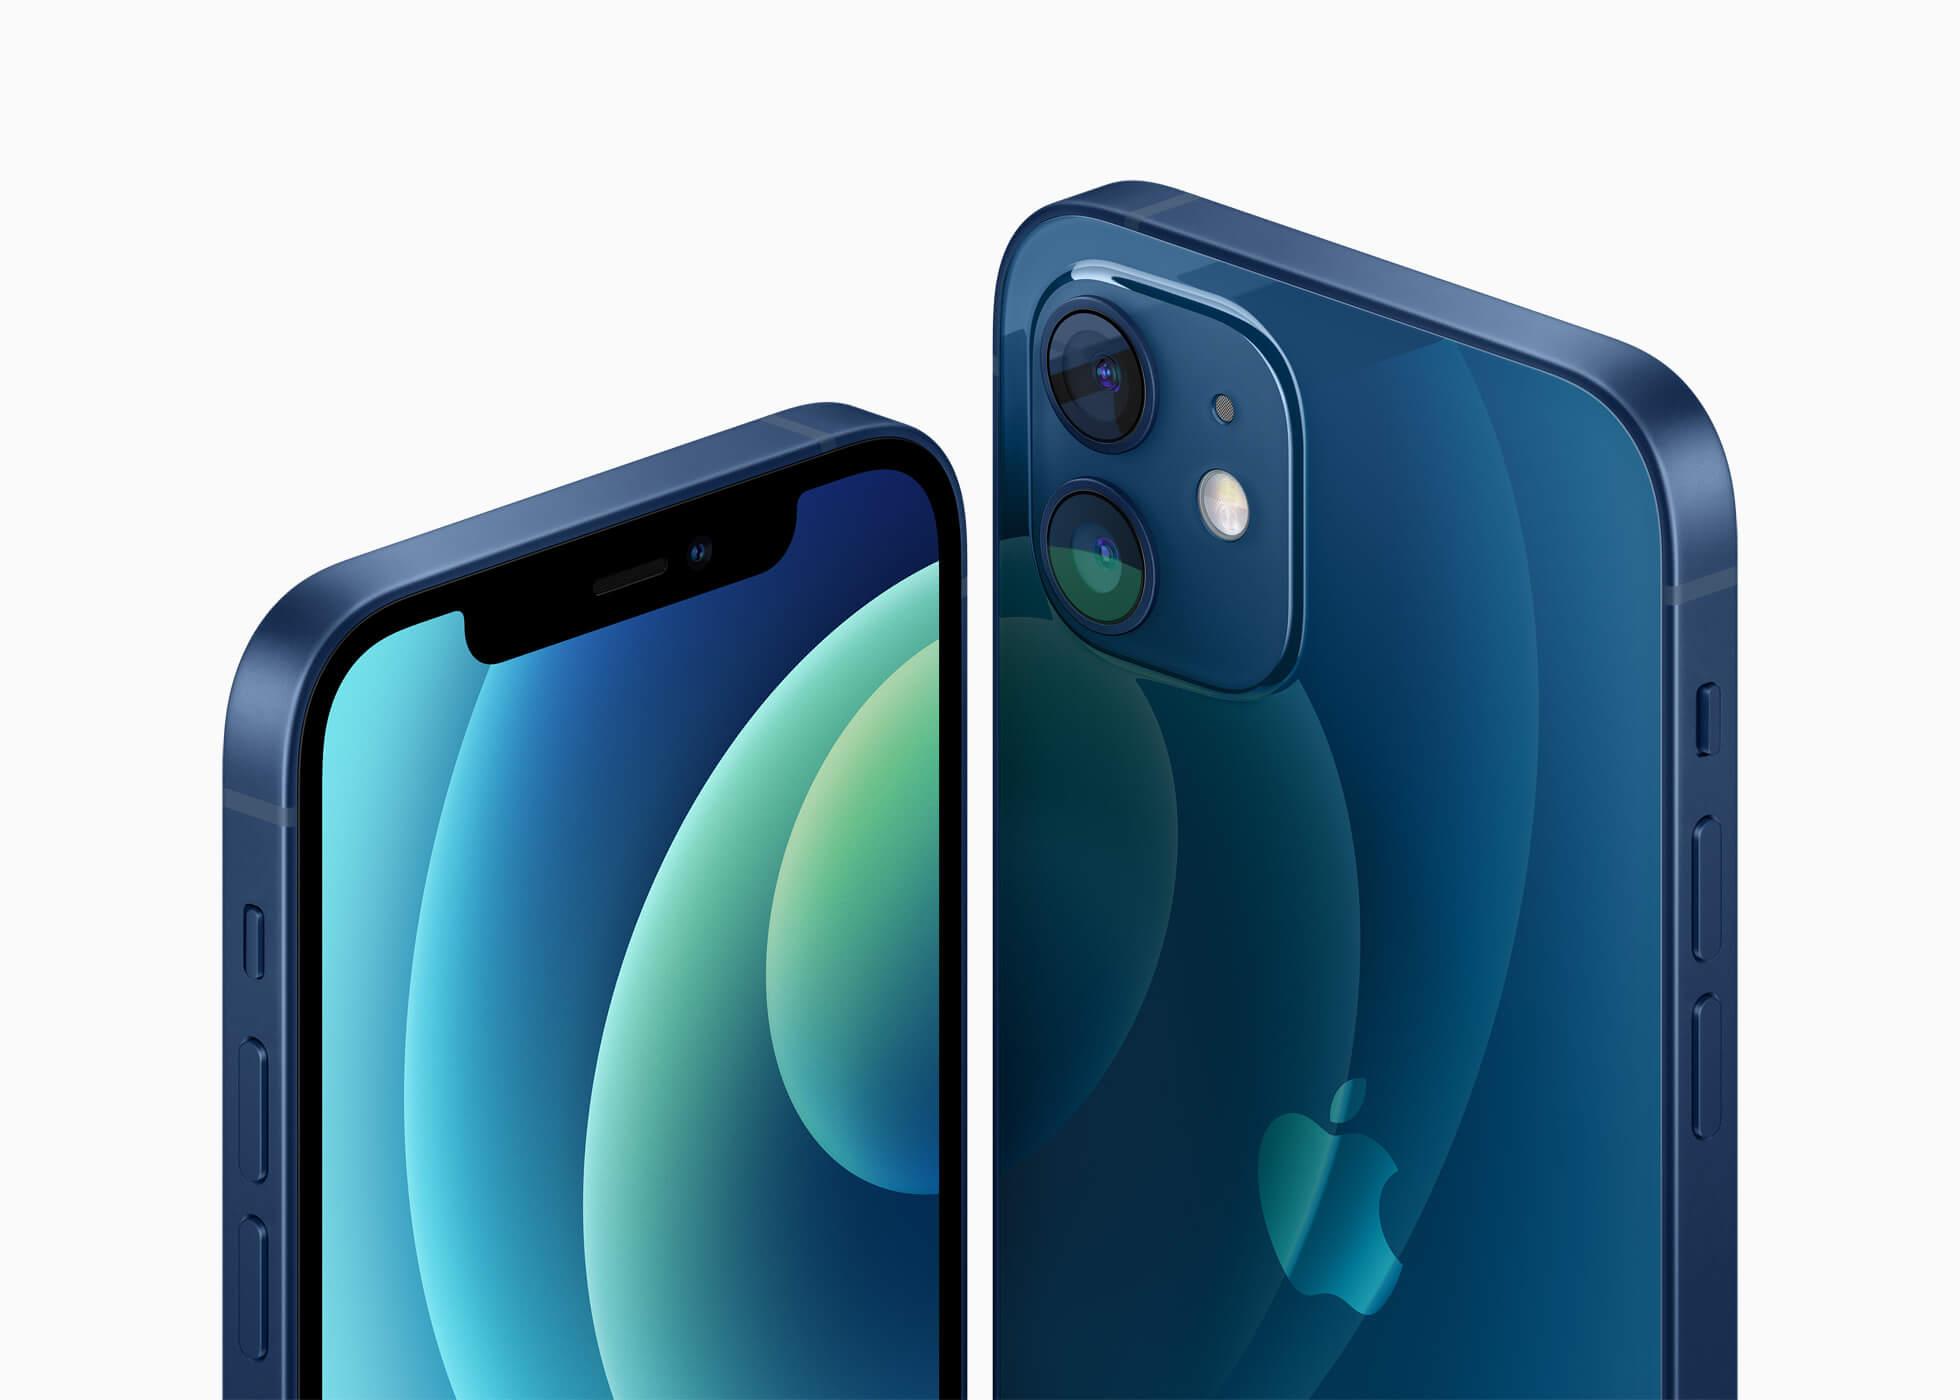 Größere Kameras: Wird das iPhone 13 Pro leicht dicker? • Apfellike.com